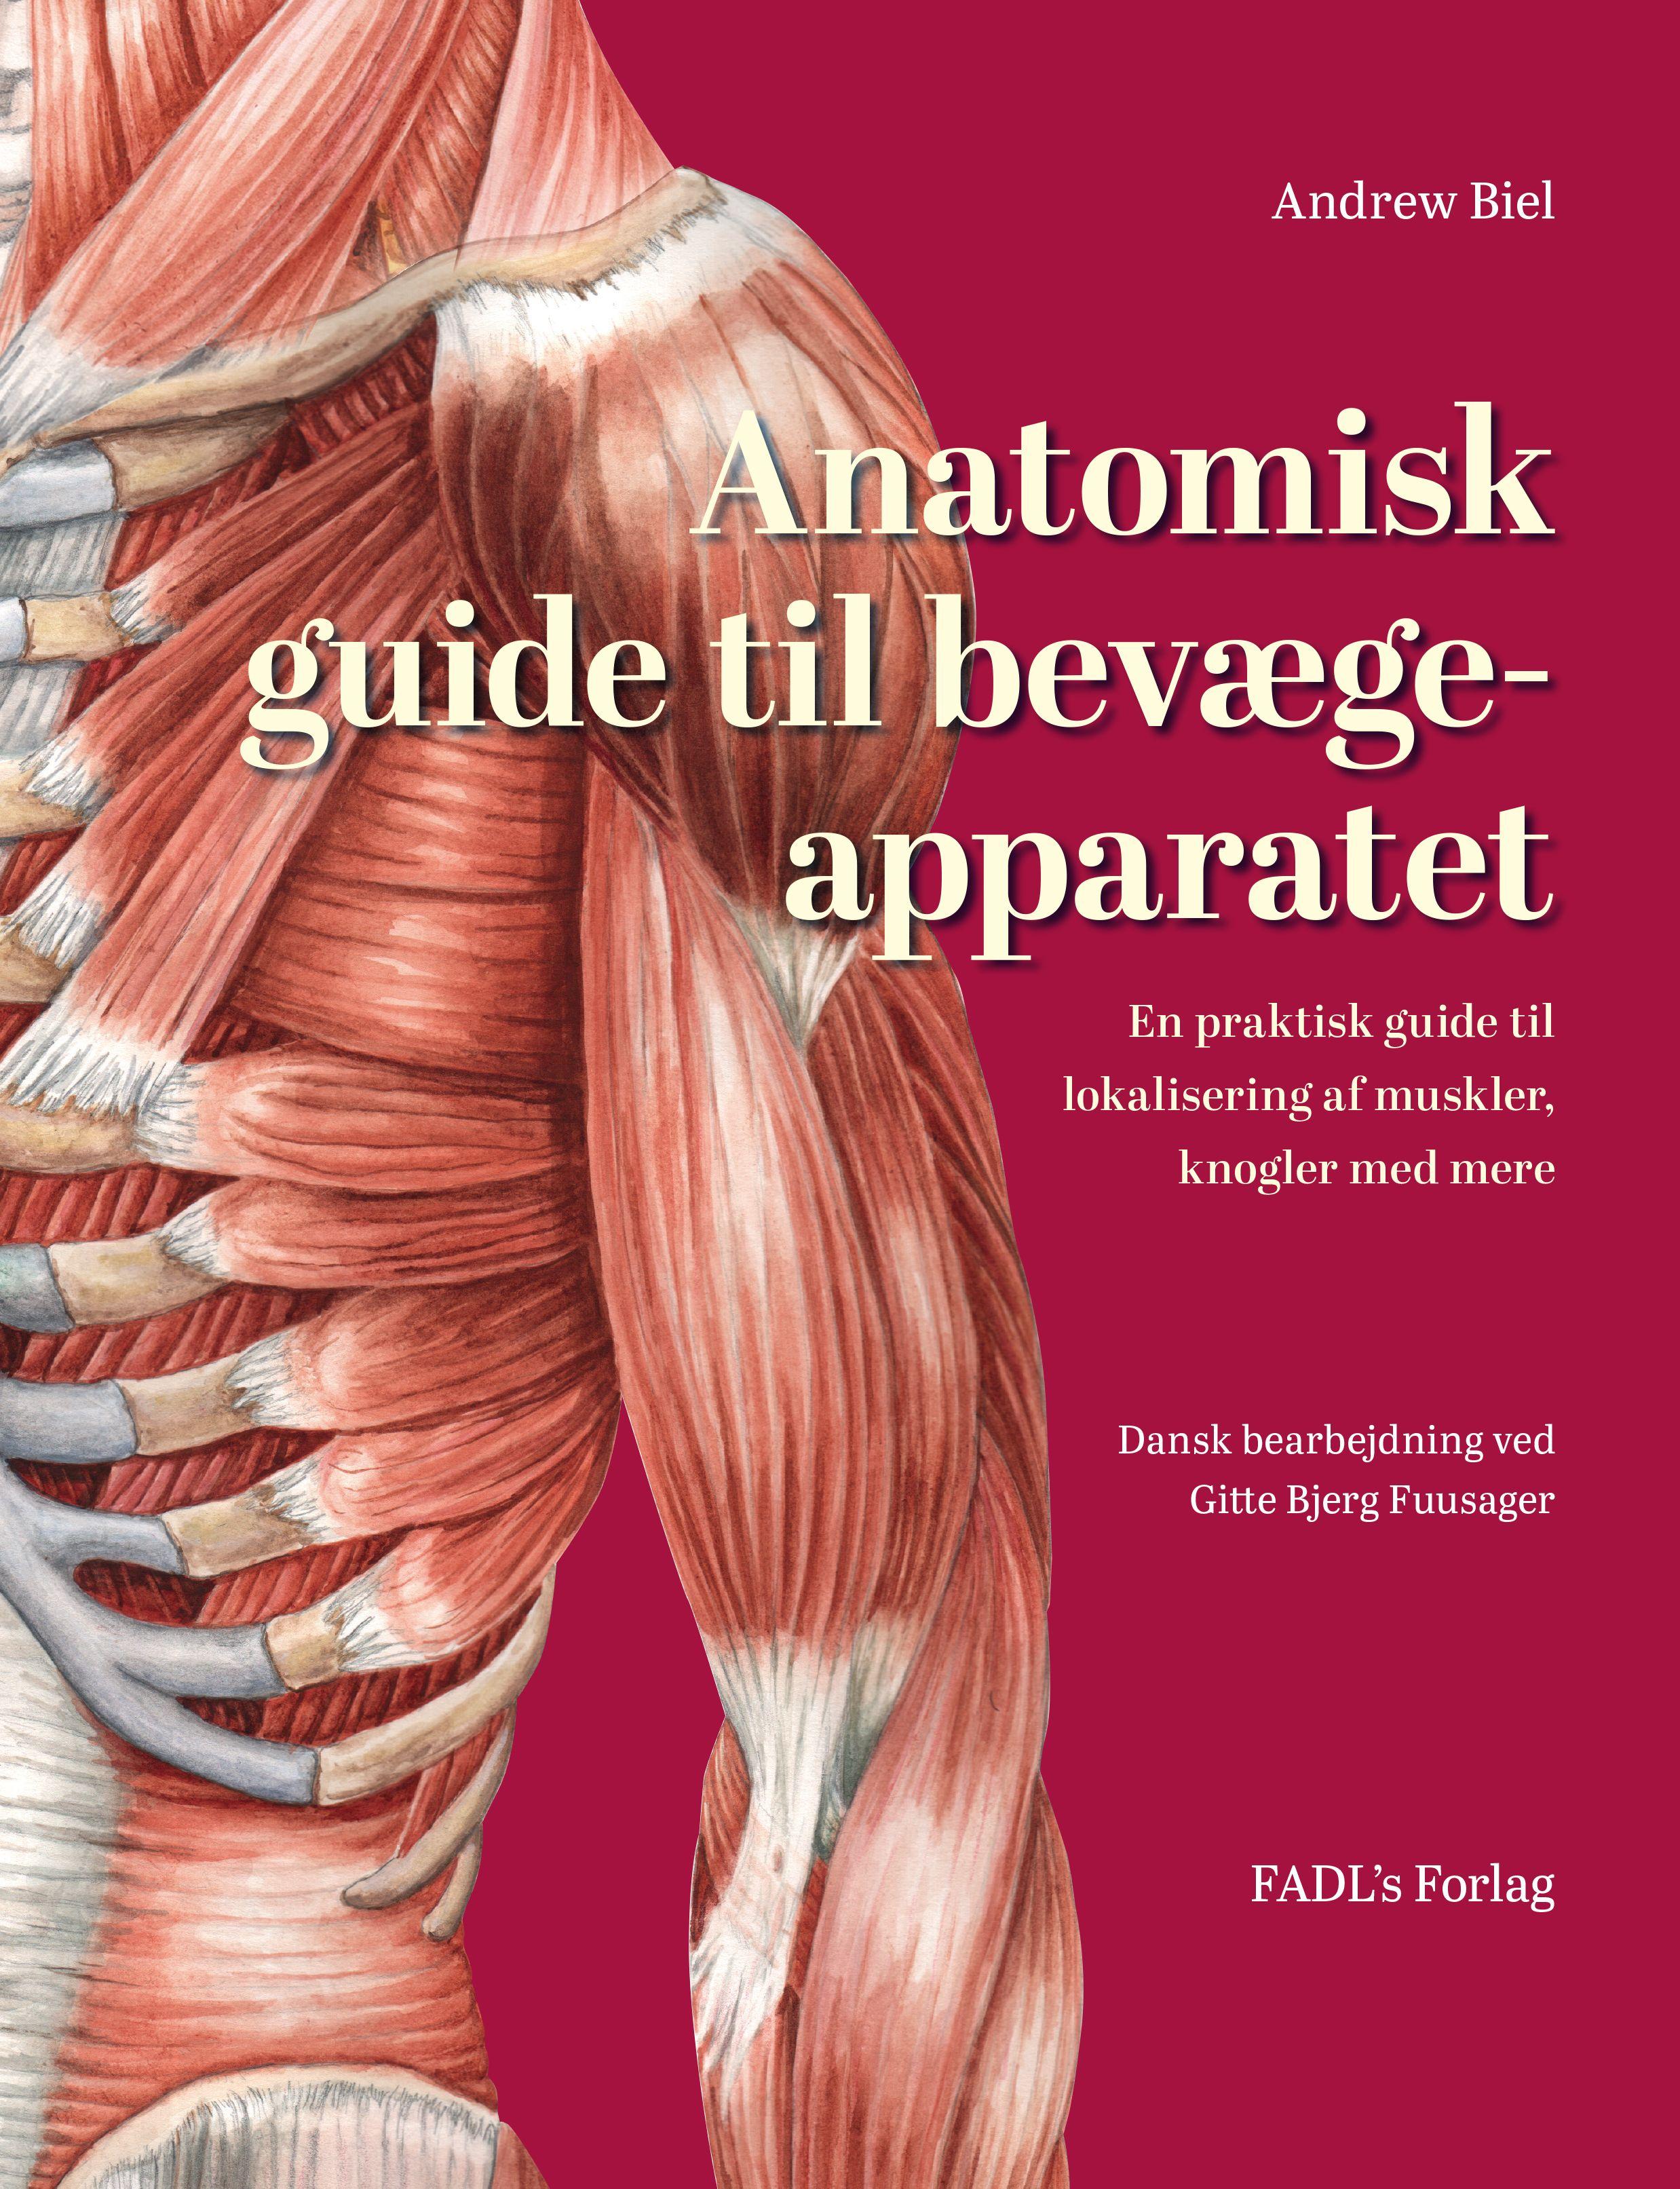 Anatomisk guide til bevægeapparatet